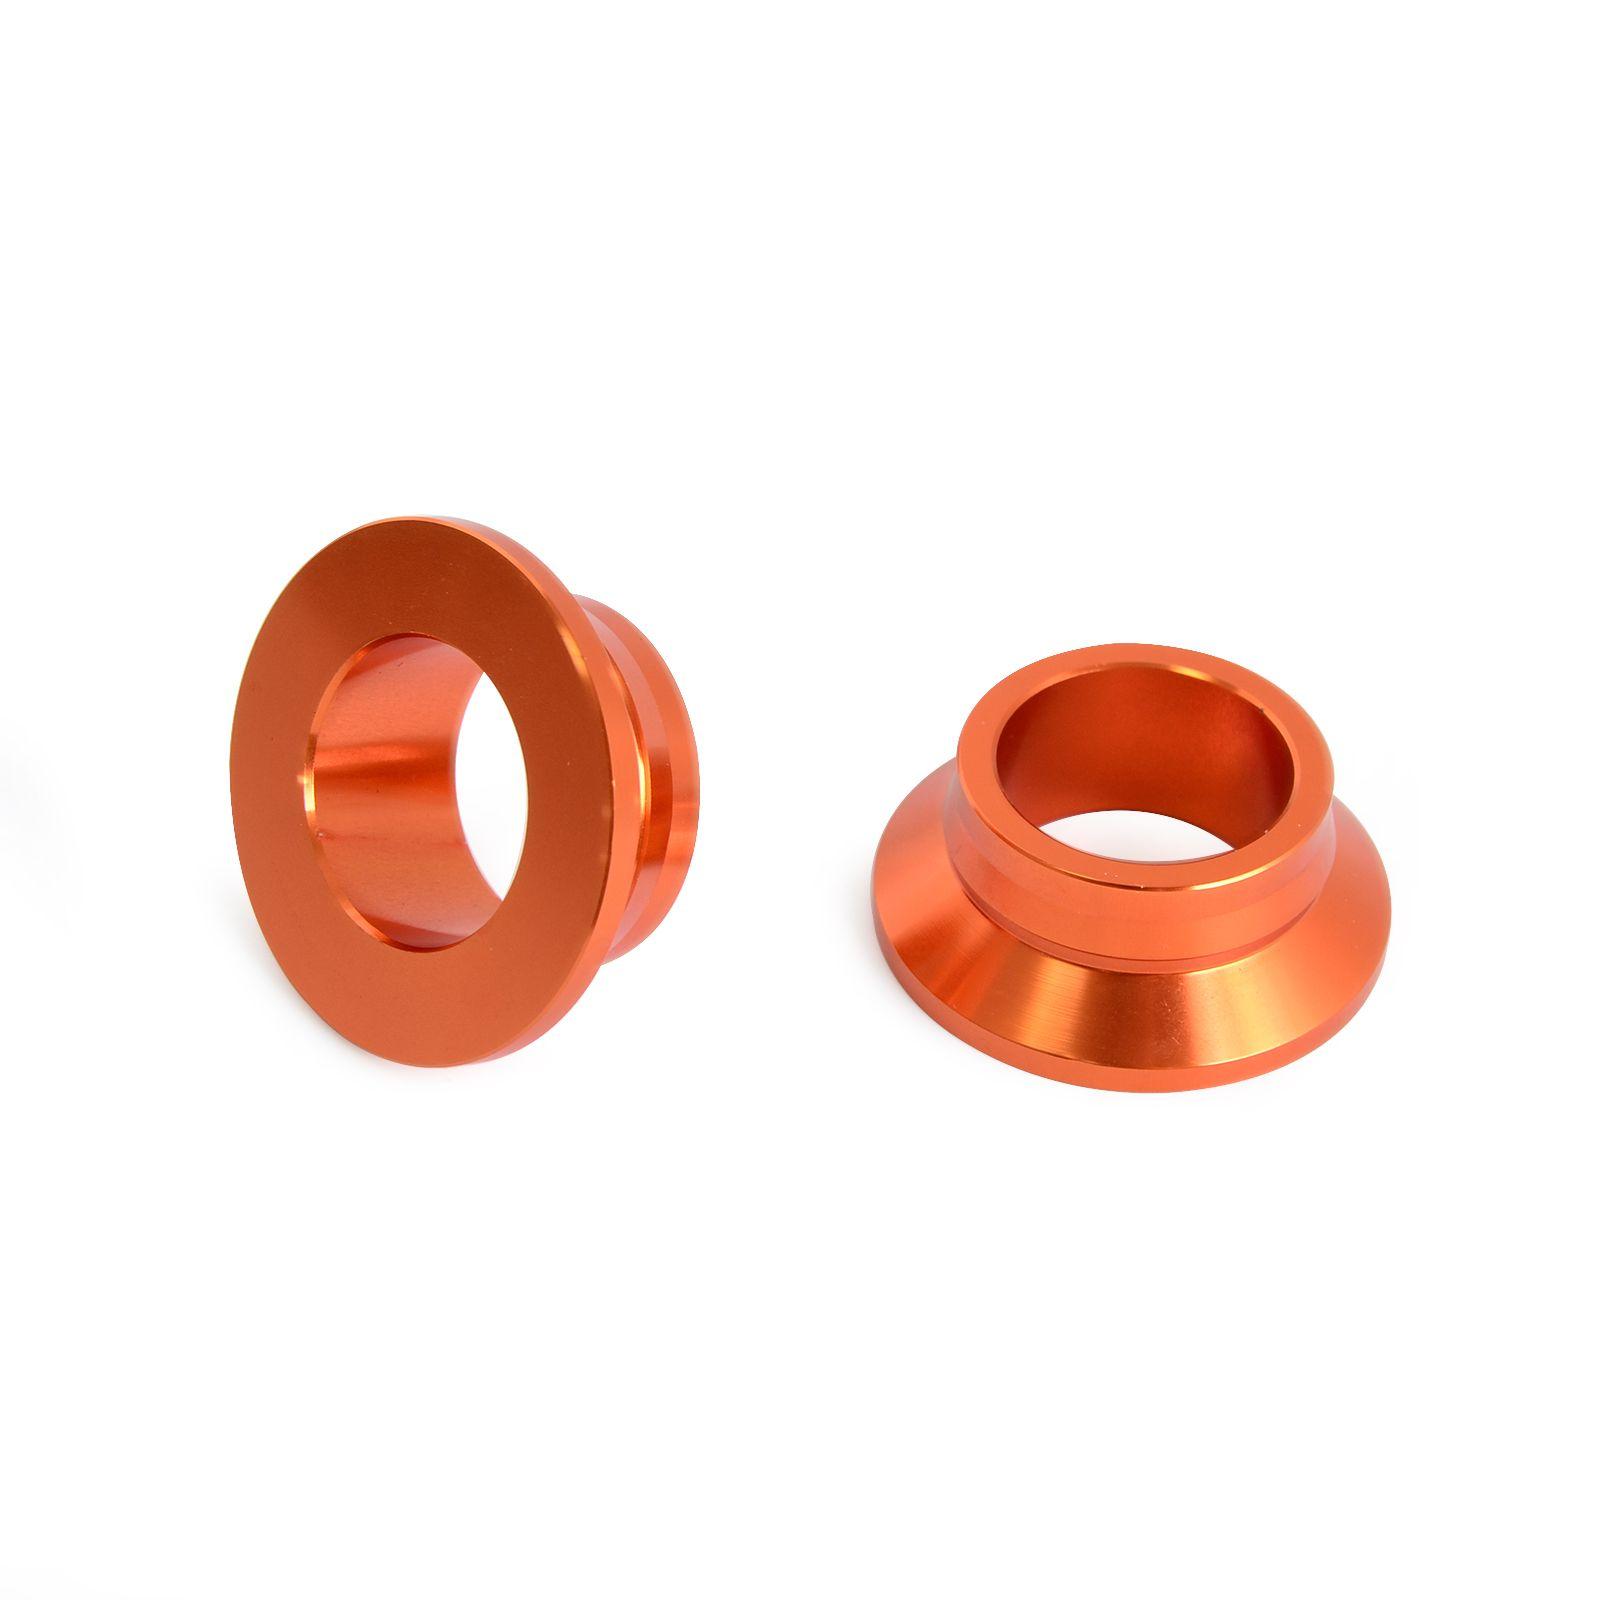 CNC Billet Aluminum Rear Wheel Spacers/ Hub Collars for KTM 125 150 250 300 450 SX XC XCF SXF XC-F SX-F NEW